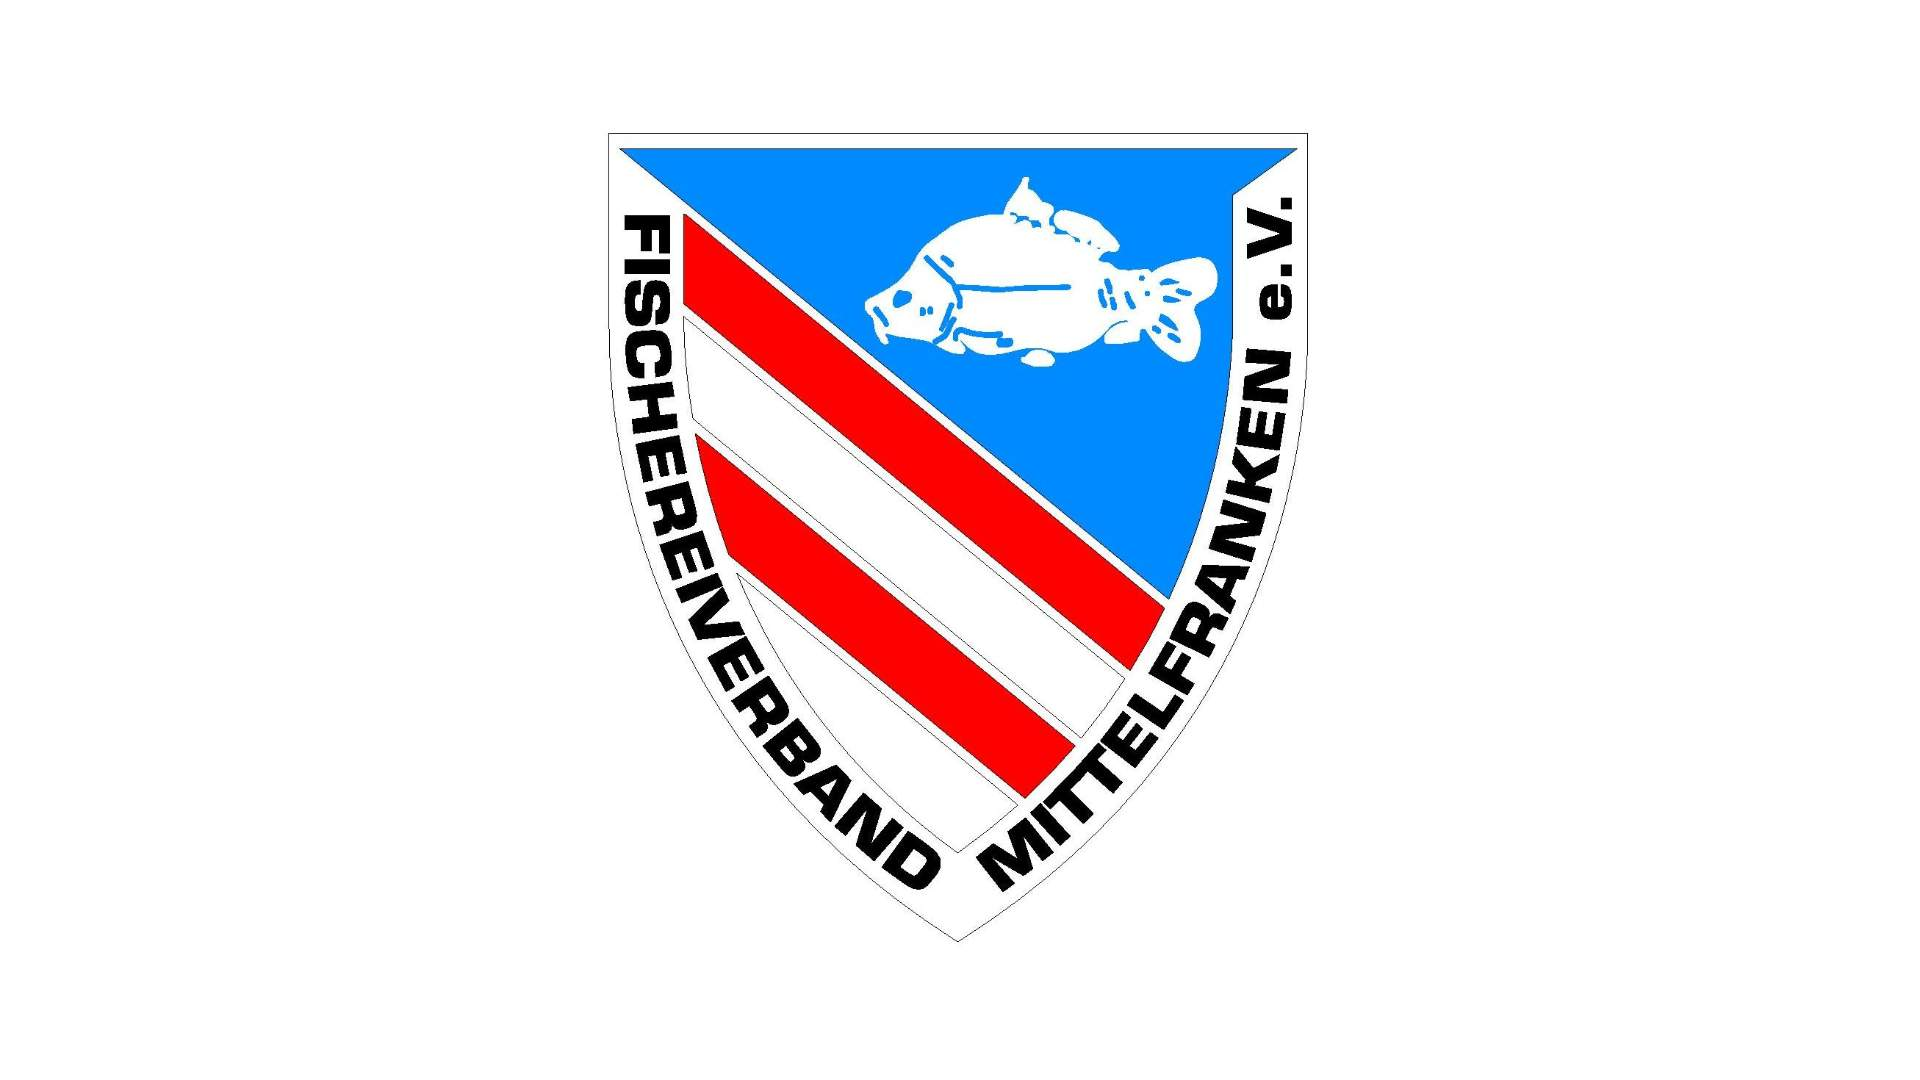 Fischereiverband_Mittelfranken